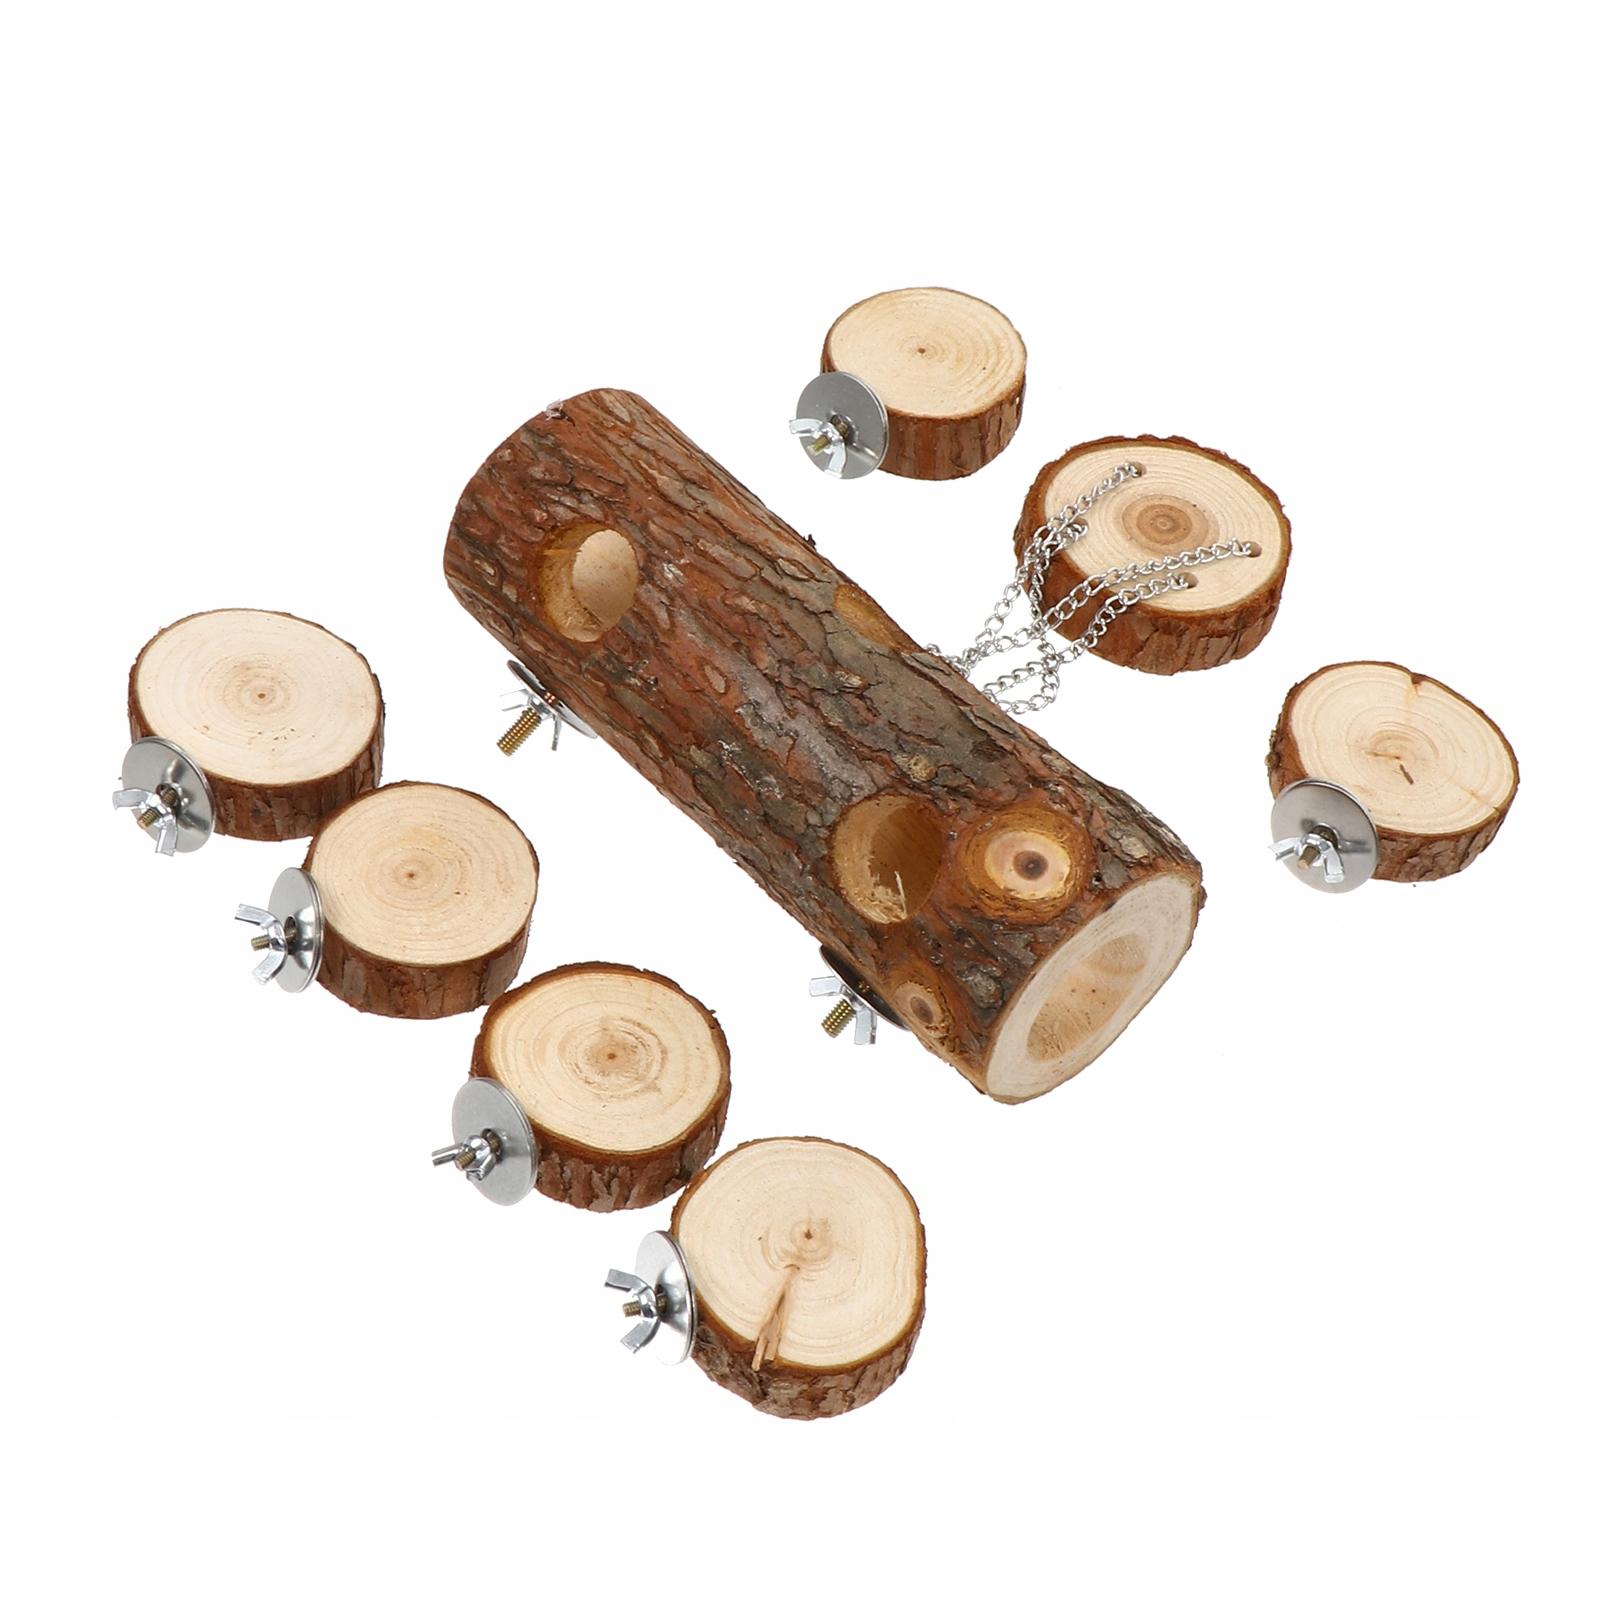 1 комплект деревянных туннельных клеток для хомяков